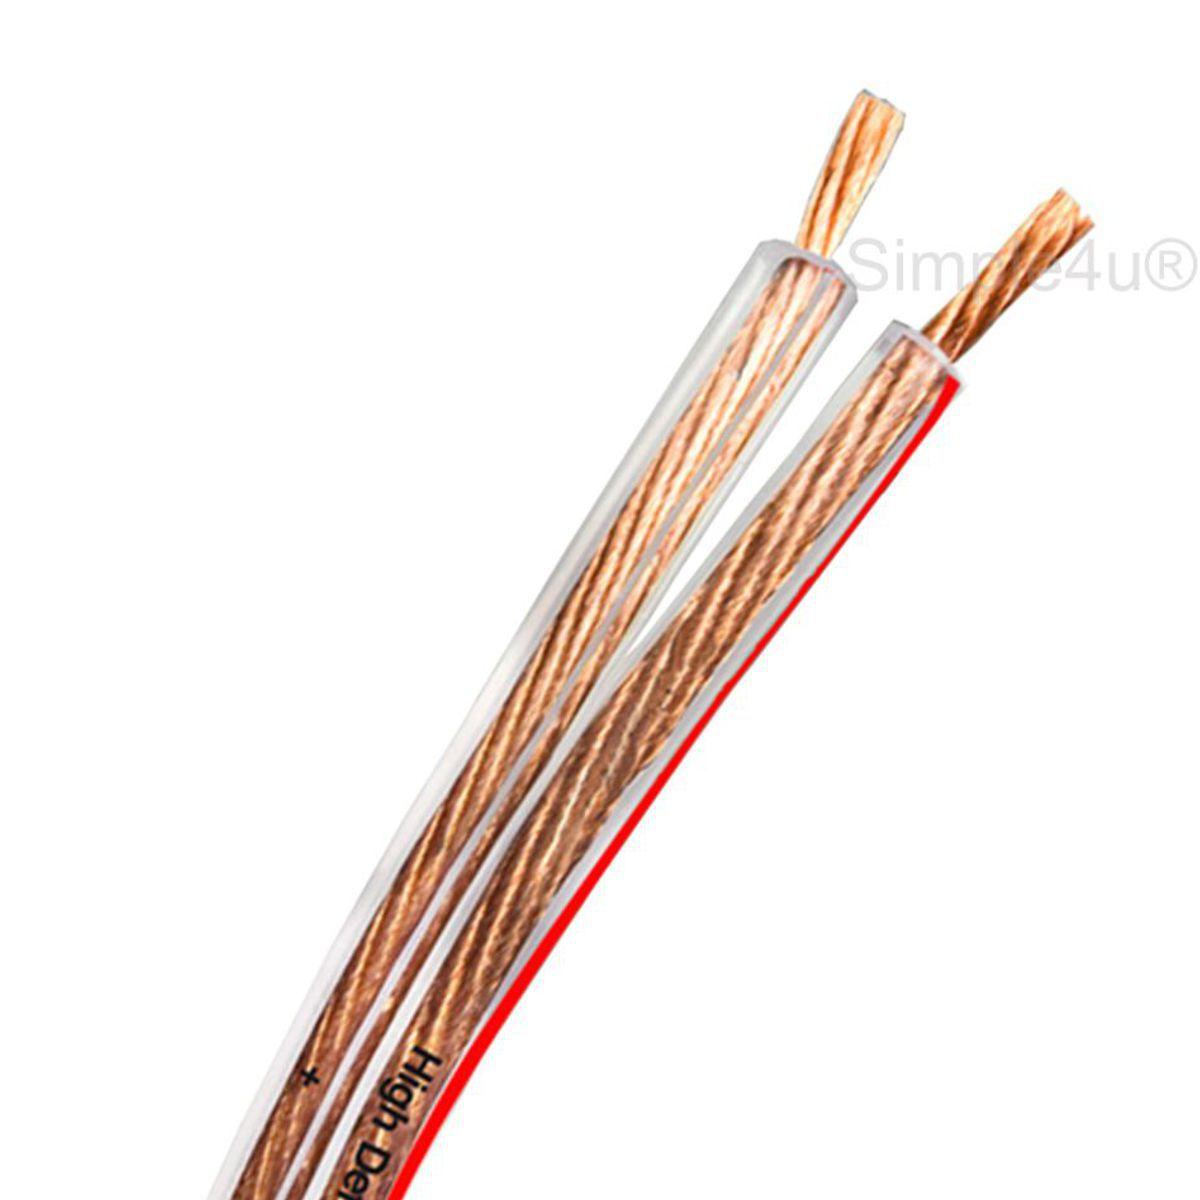 Cabo Polarizado P/ Caixa Acústica de Som 2x1,50mm2 HP-SP 150 DMD Diamond Cable (40 MT)